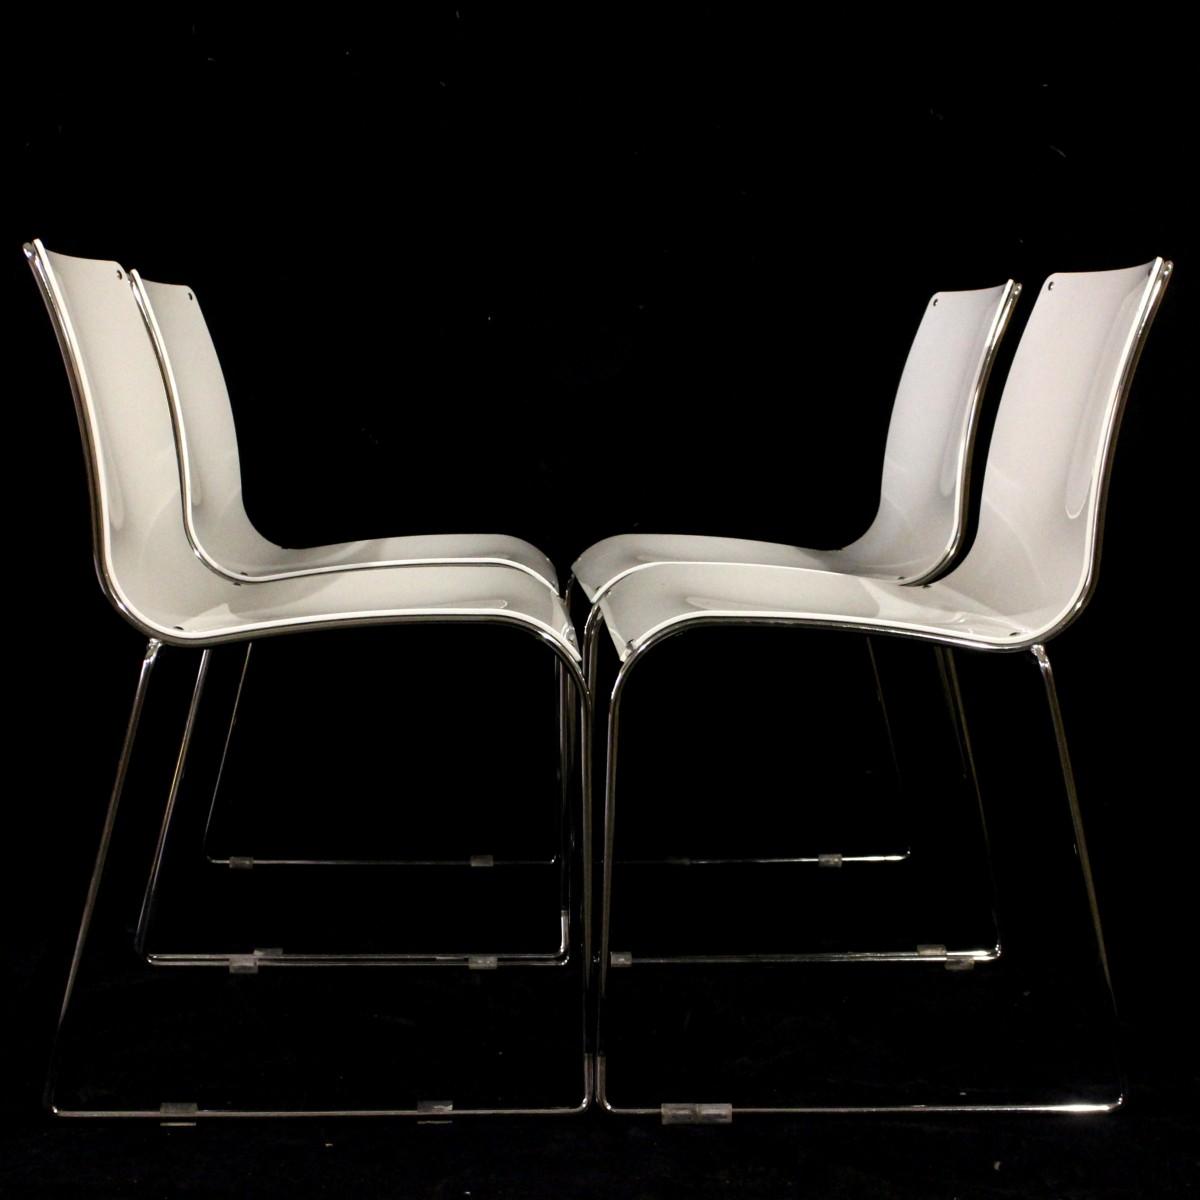 Sedie Acciaio E Plastica.4 Sedie Bianche Moderne Impilabili Acciaio E Plastica Laccata